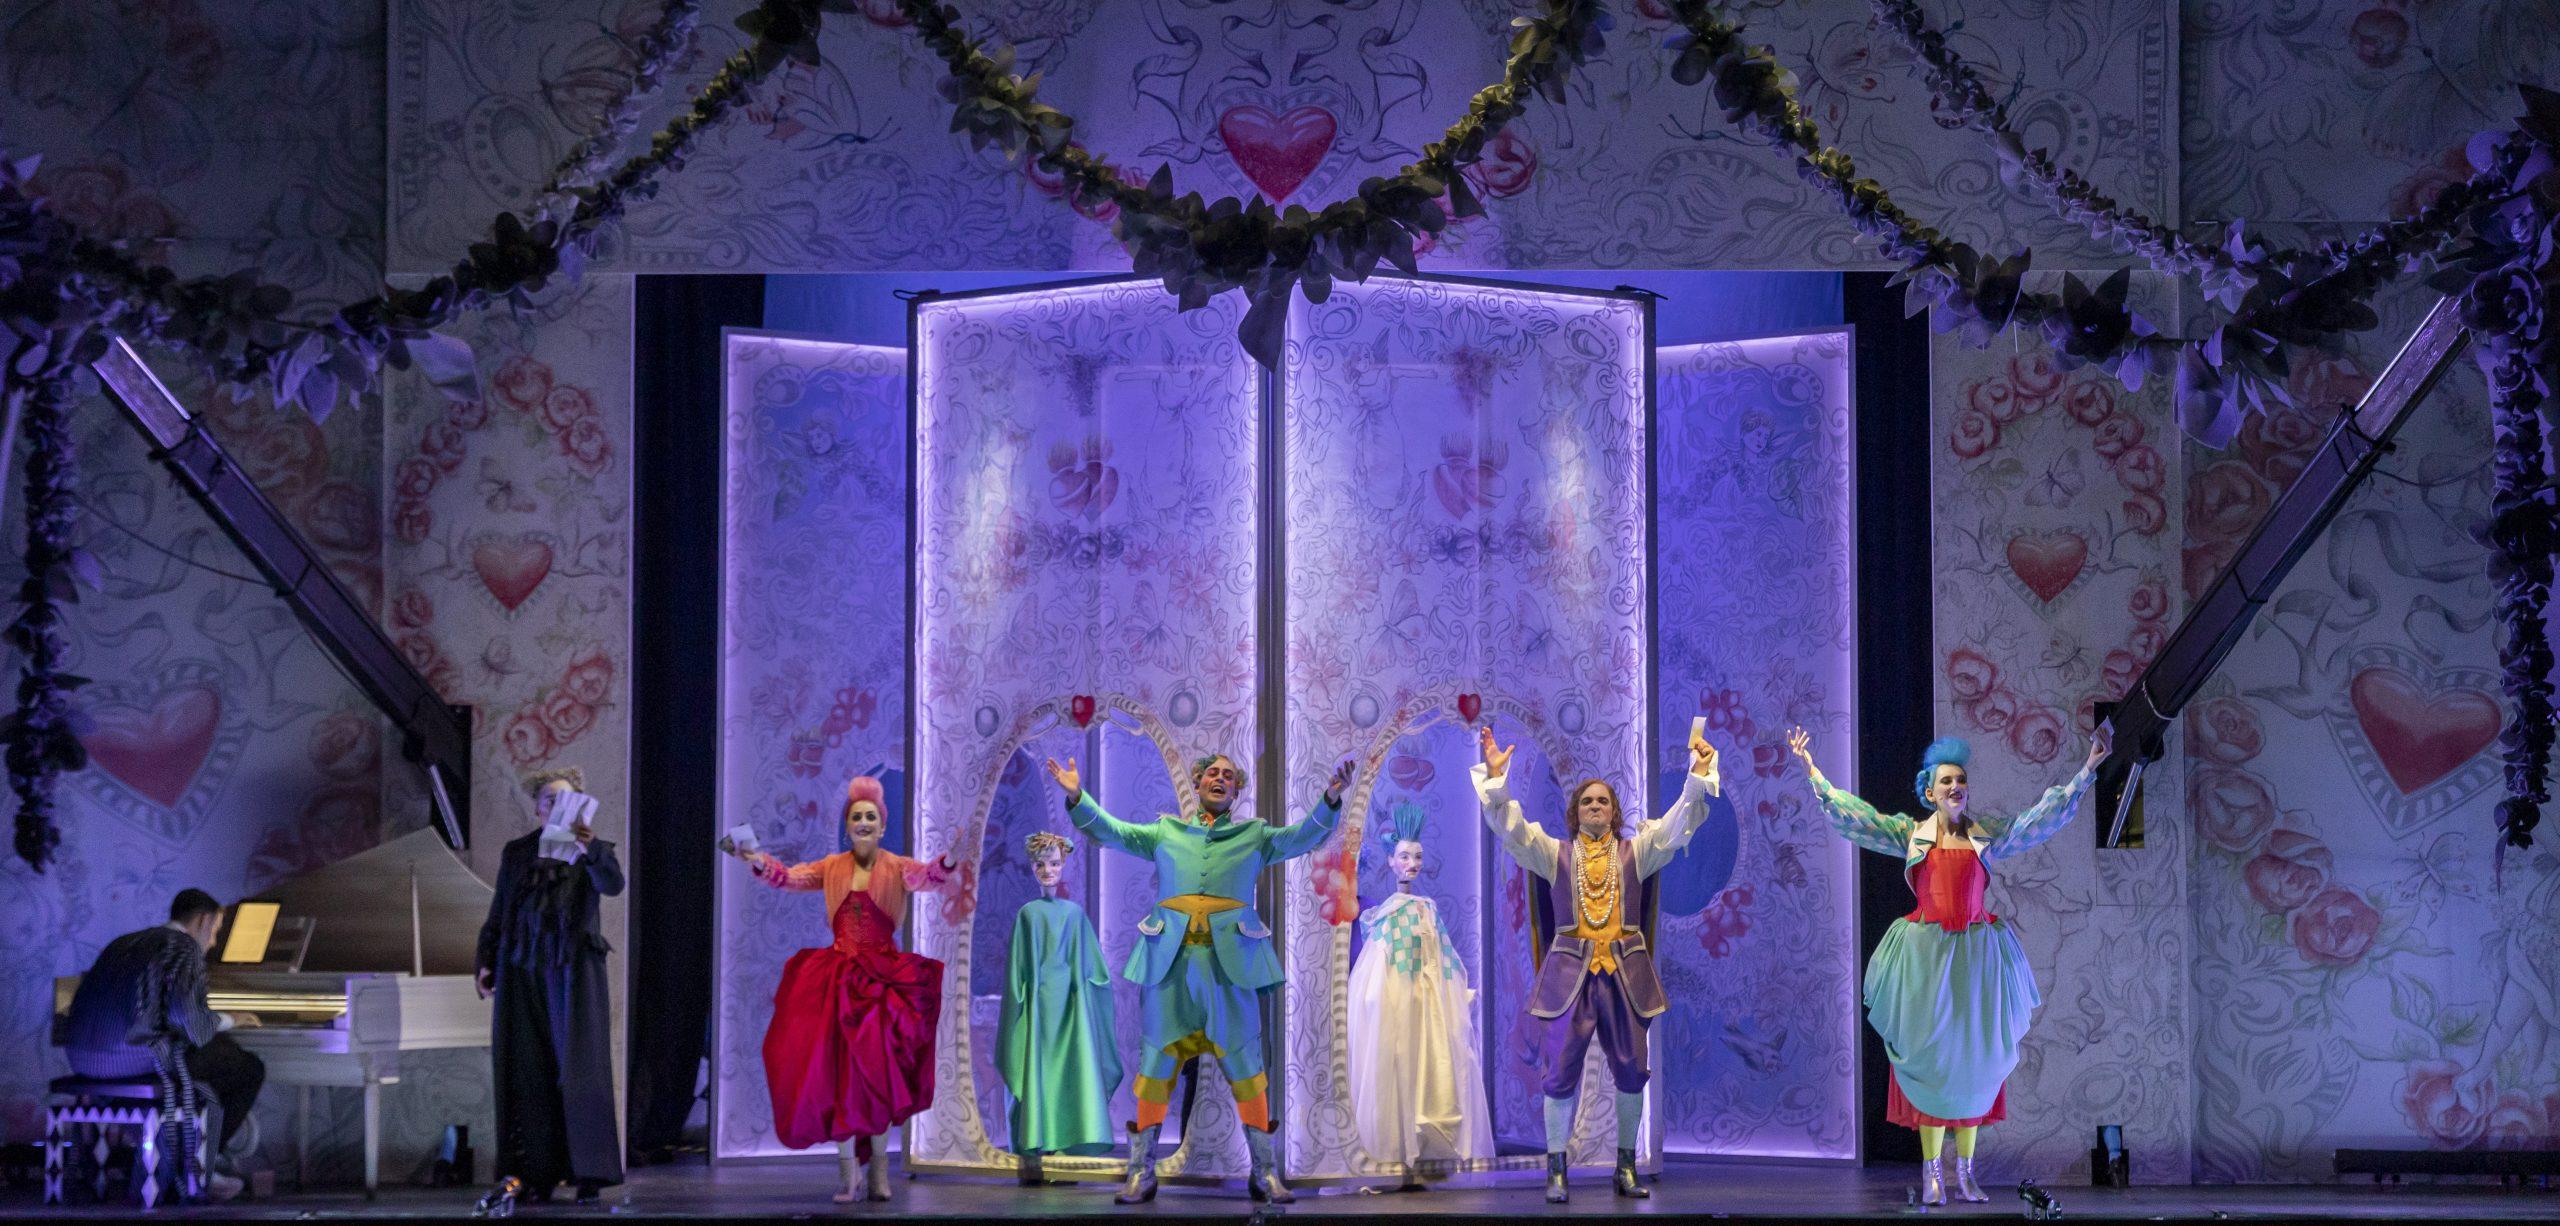 Les Arts ofrece dos representaciones al aire libre de la ópera 'El tutor burlat'